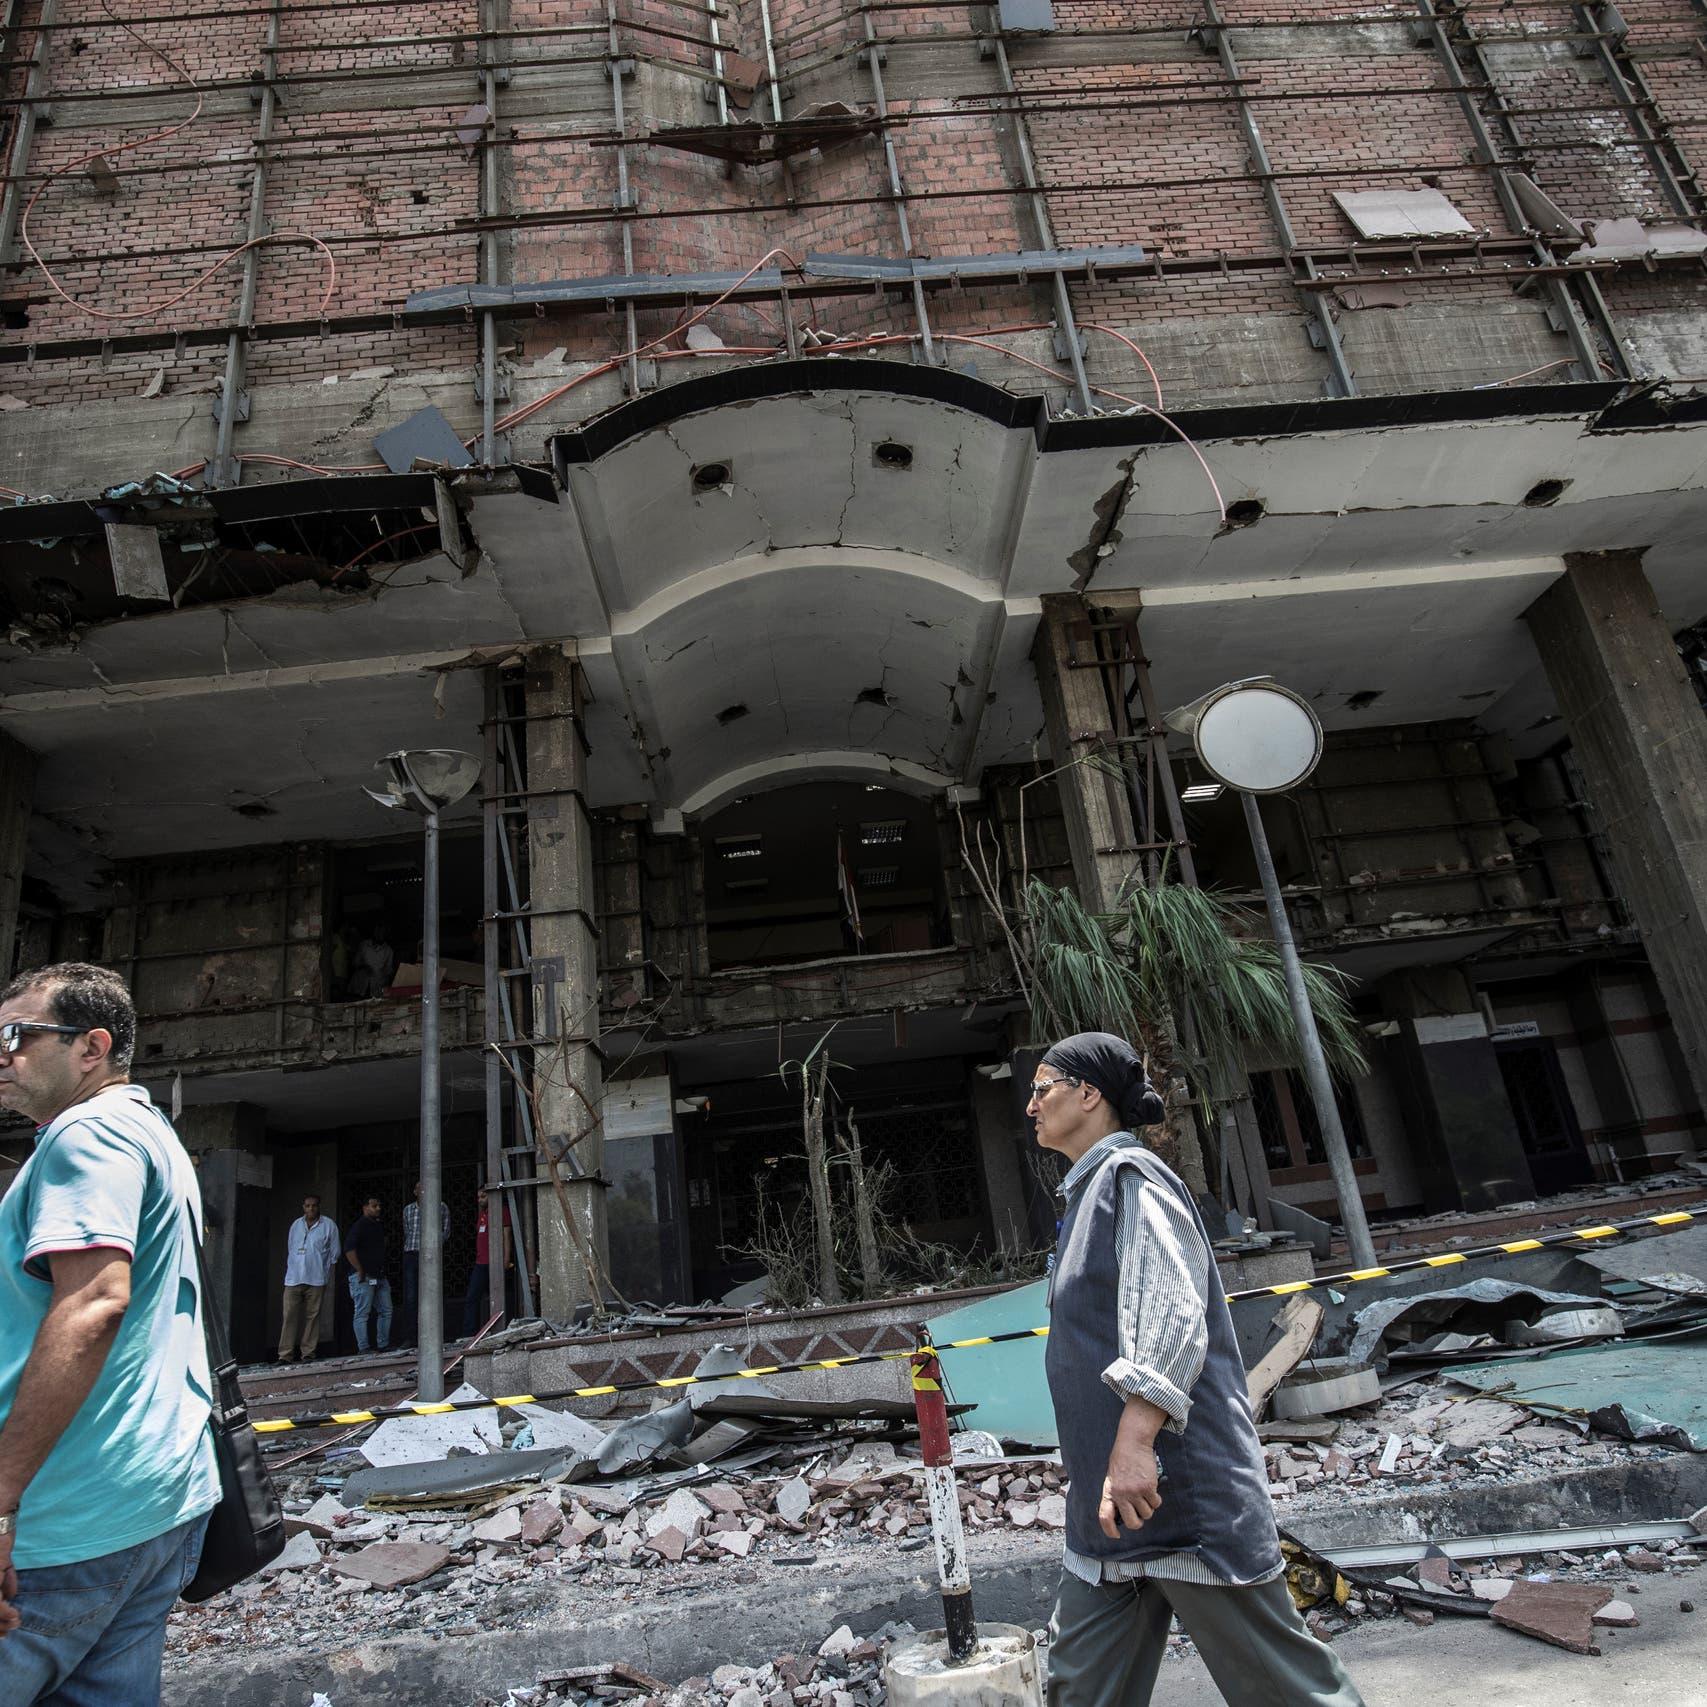 السعودية تدين الحادث الإرهابي في القاهرة